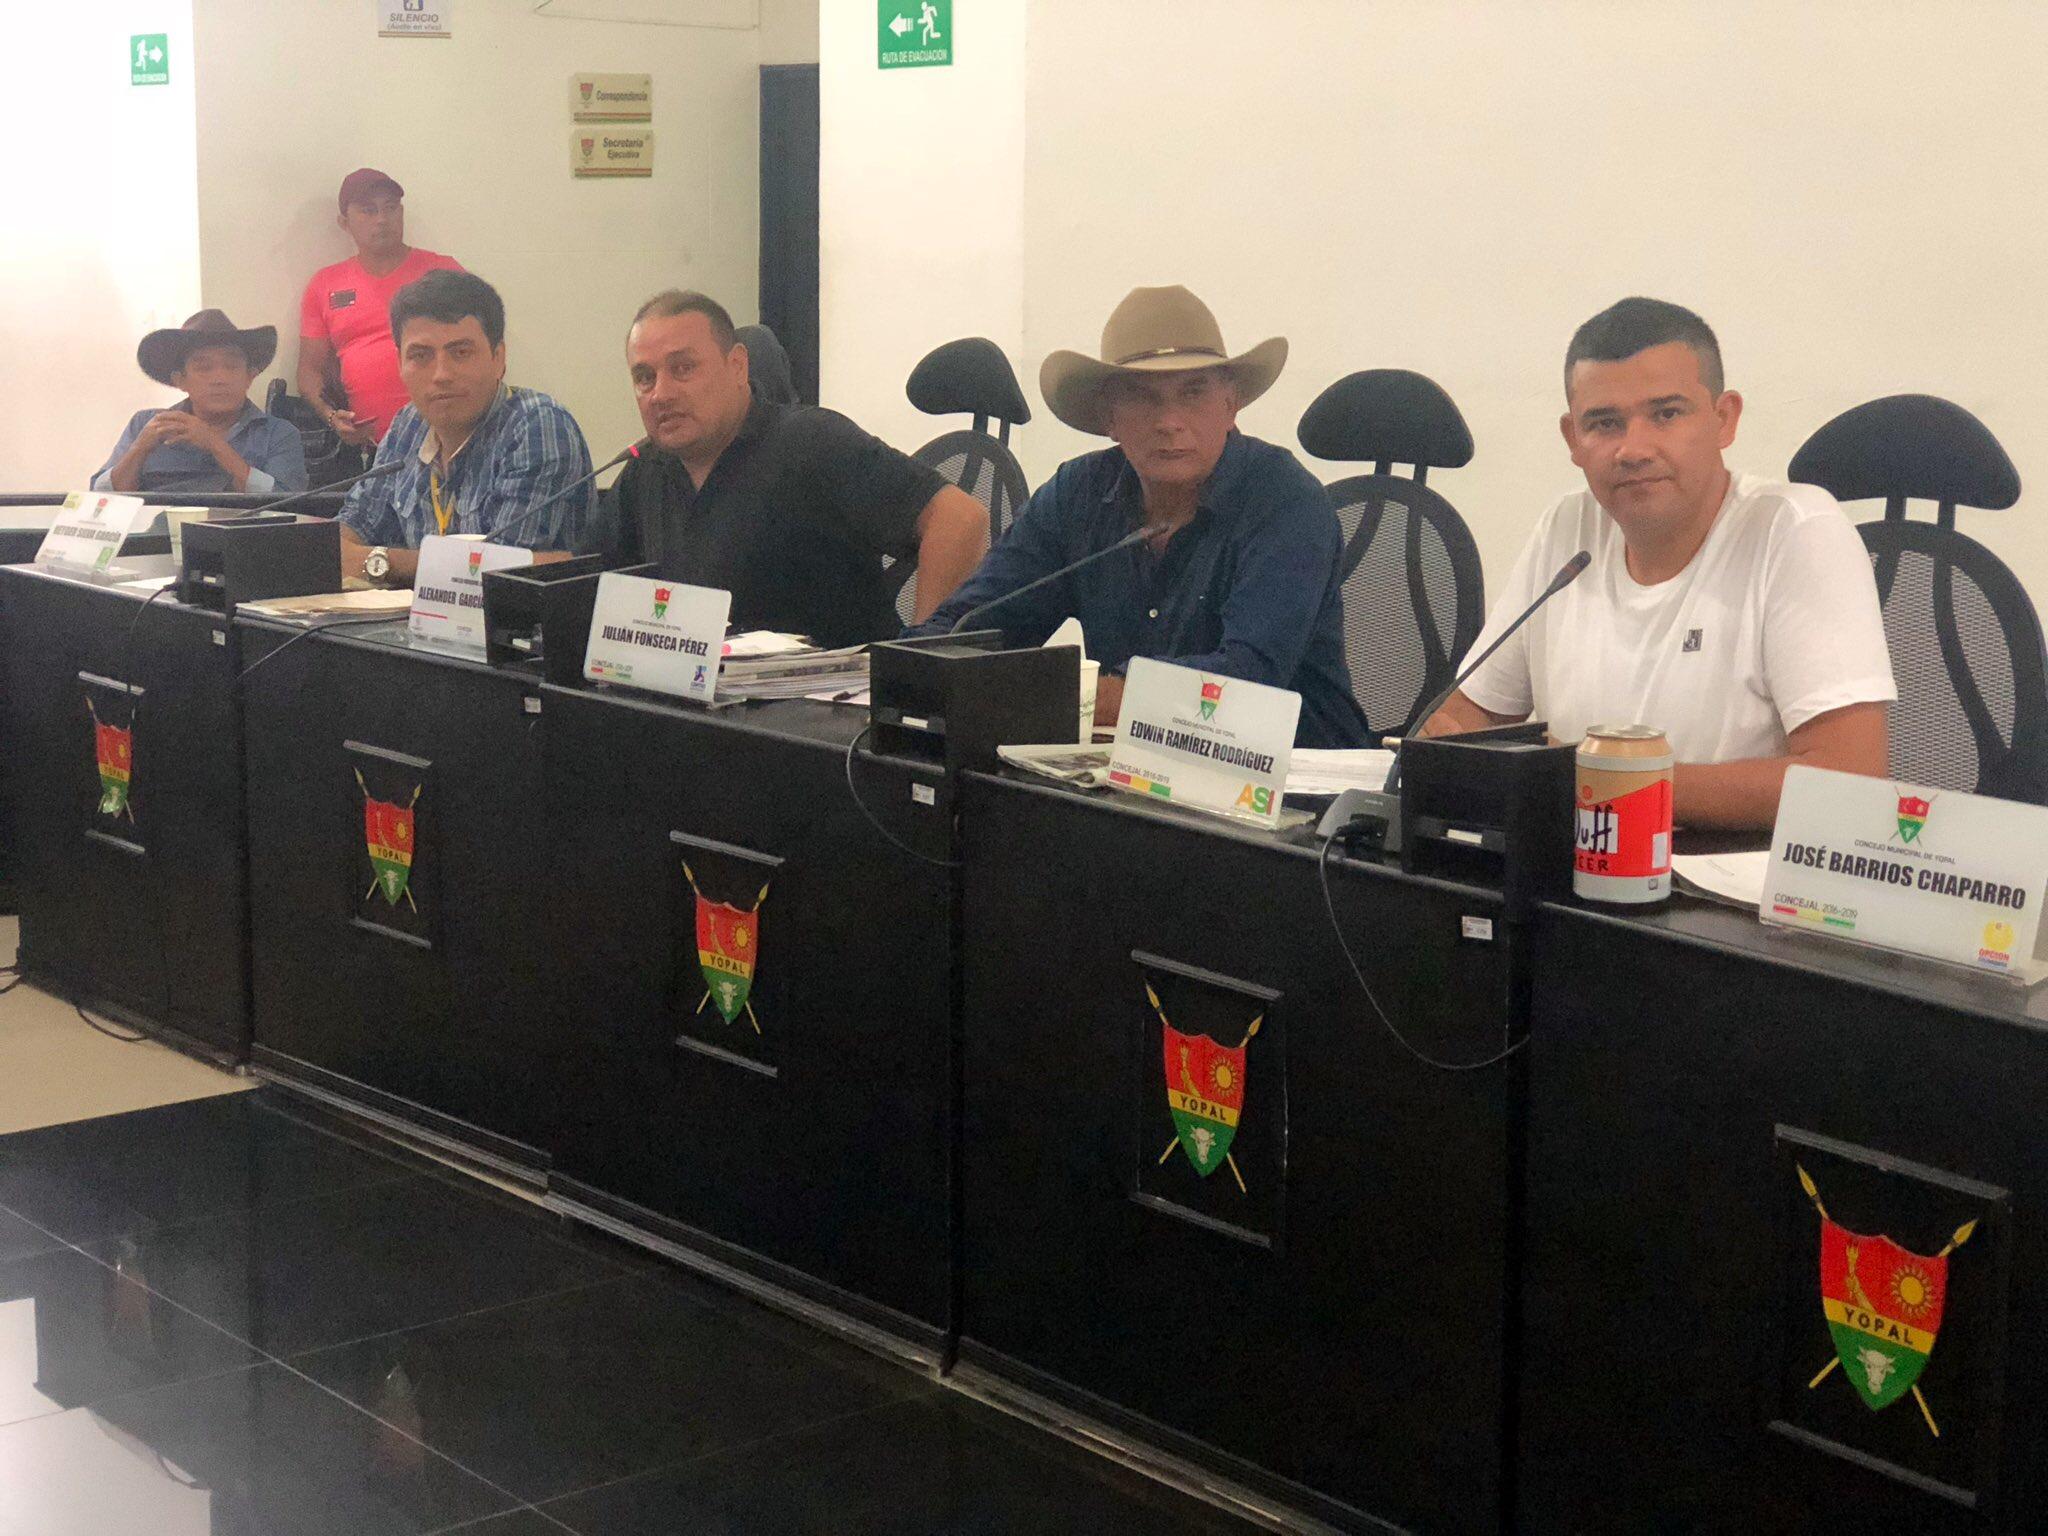 Concejo de Yopal  discute proyecto para dar oportunidad laboral a recién egresados de programas de pregrado